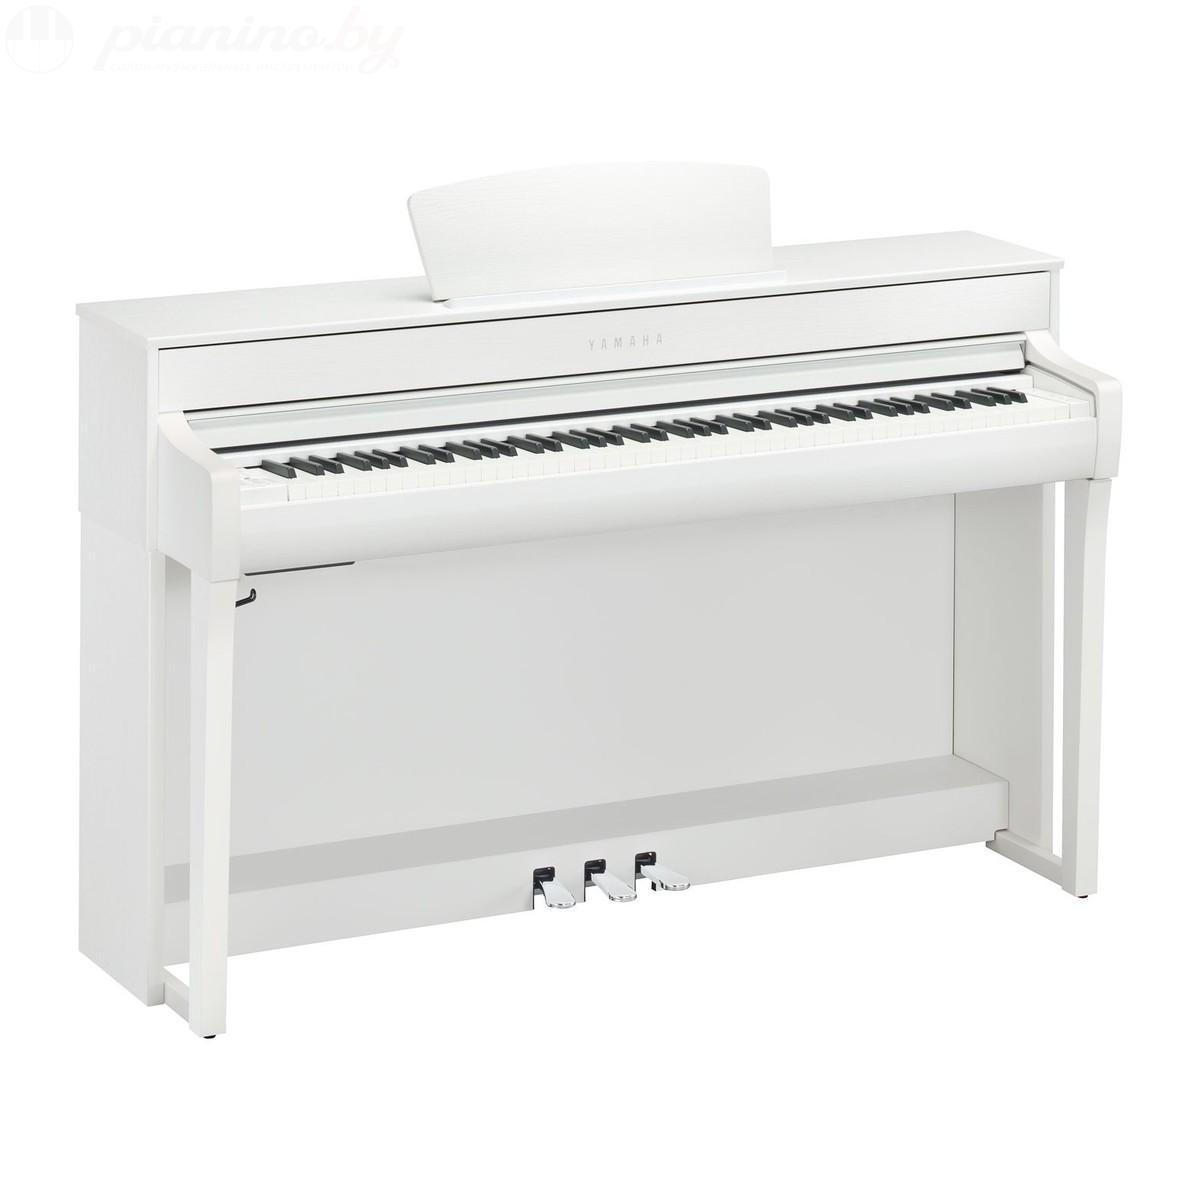 Цифровое пианино Yamaha Clavinova CLP-735 Wh Фото 1